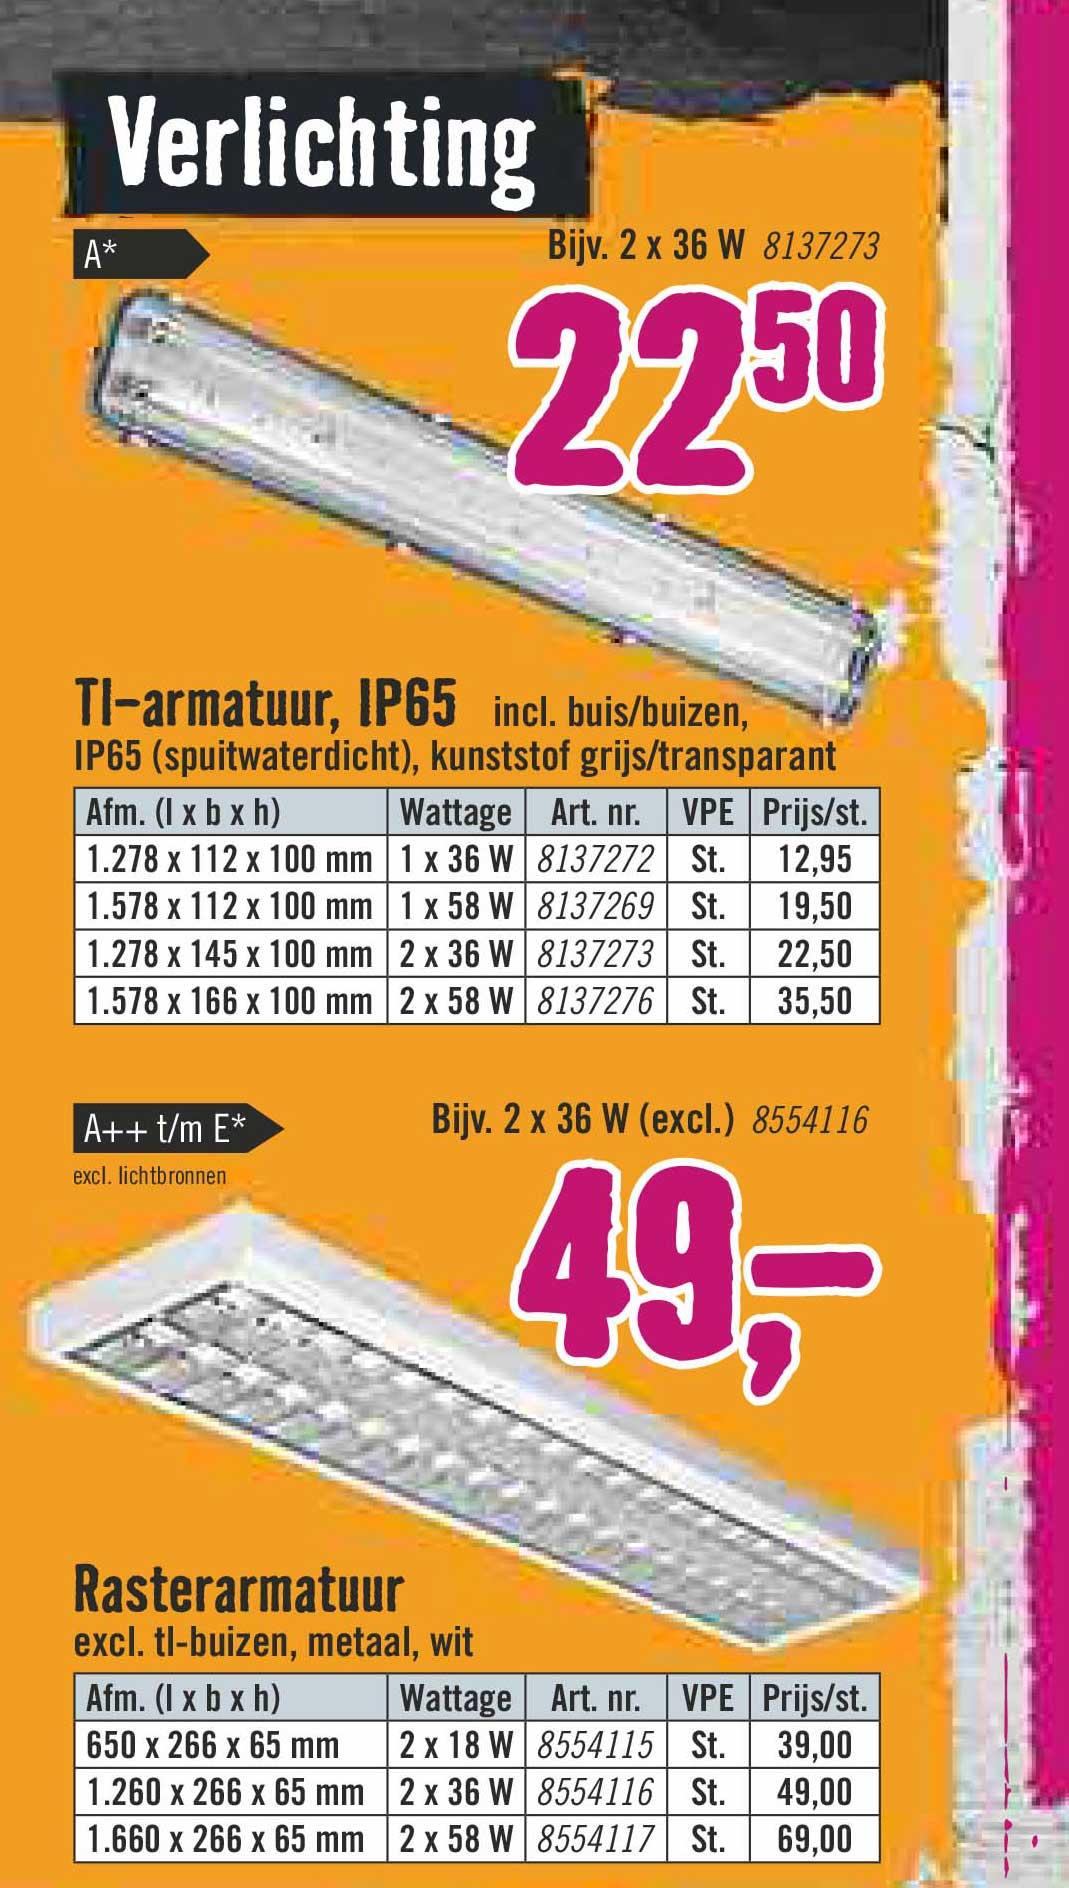 Hornbach Verlichting TL Armatuur IP 65 En Rasterarmatuur